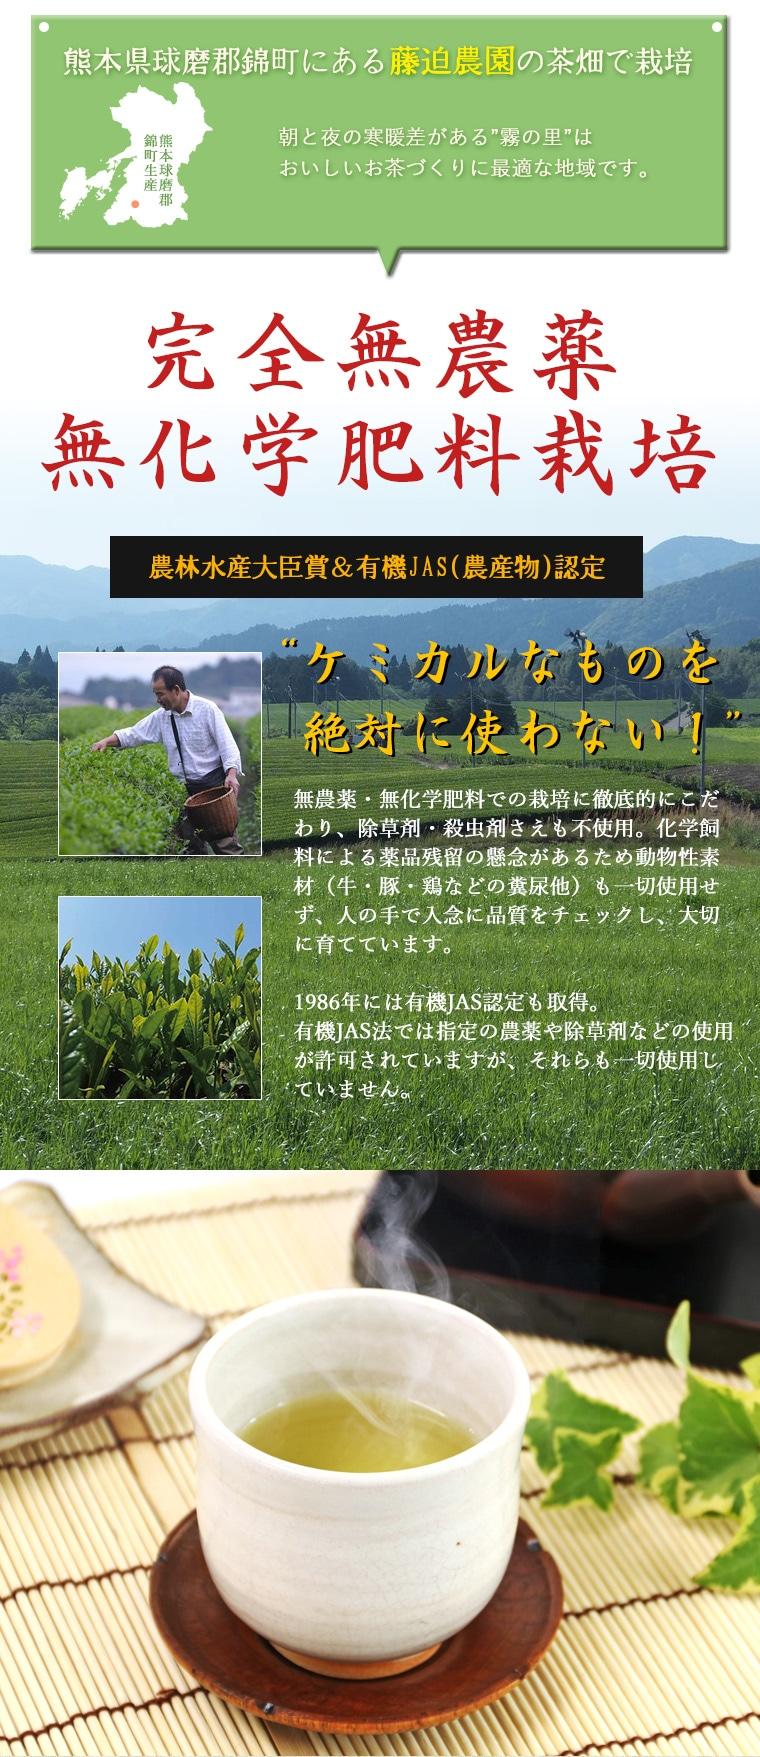 熊本県藤迫農園で採れた完全無農薬・無化学肥料栽培のお茶です